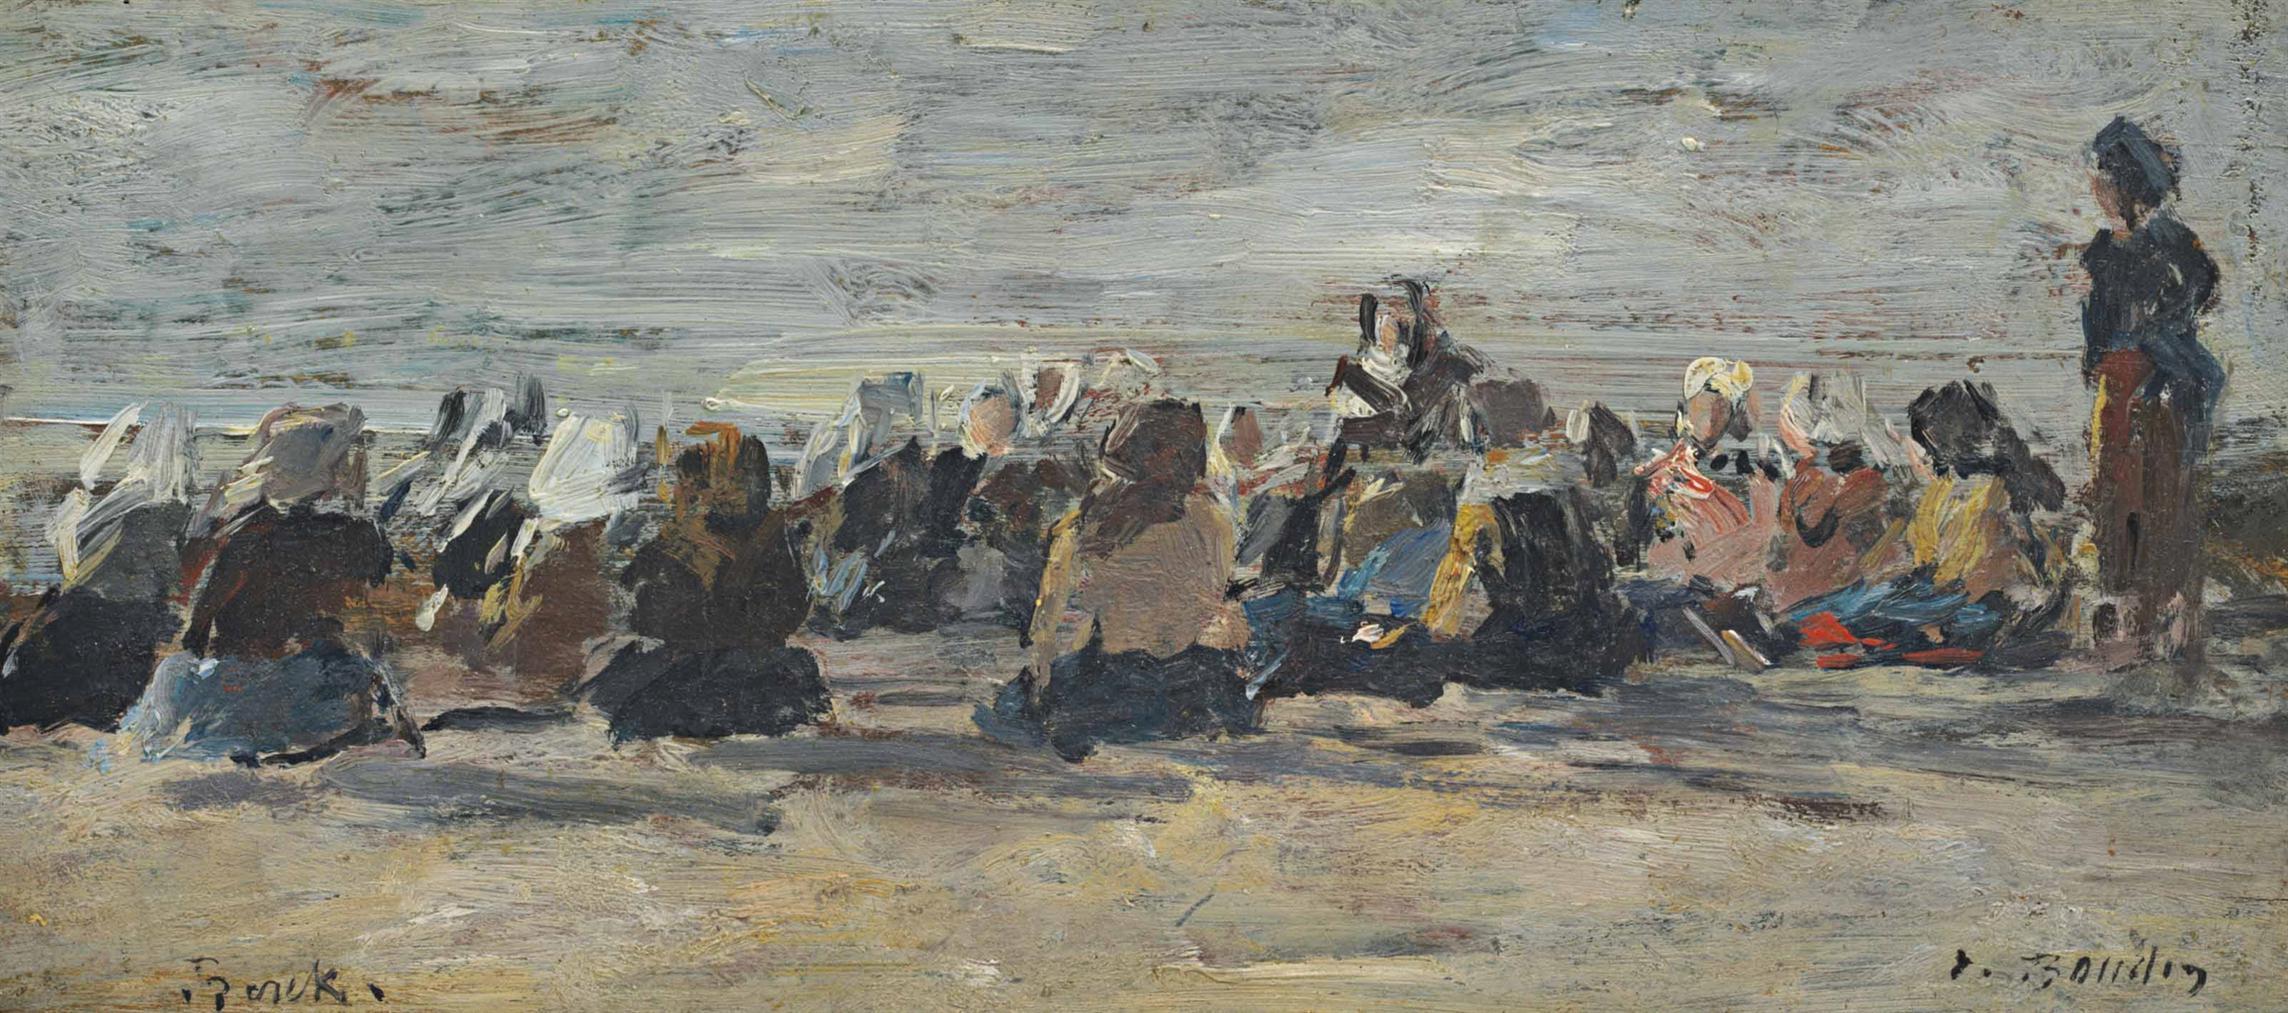 Eugene Louis Boudin-Berck, Femmes Attendant Sur La Plage Le Retour Des Barques-1882